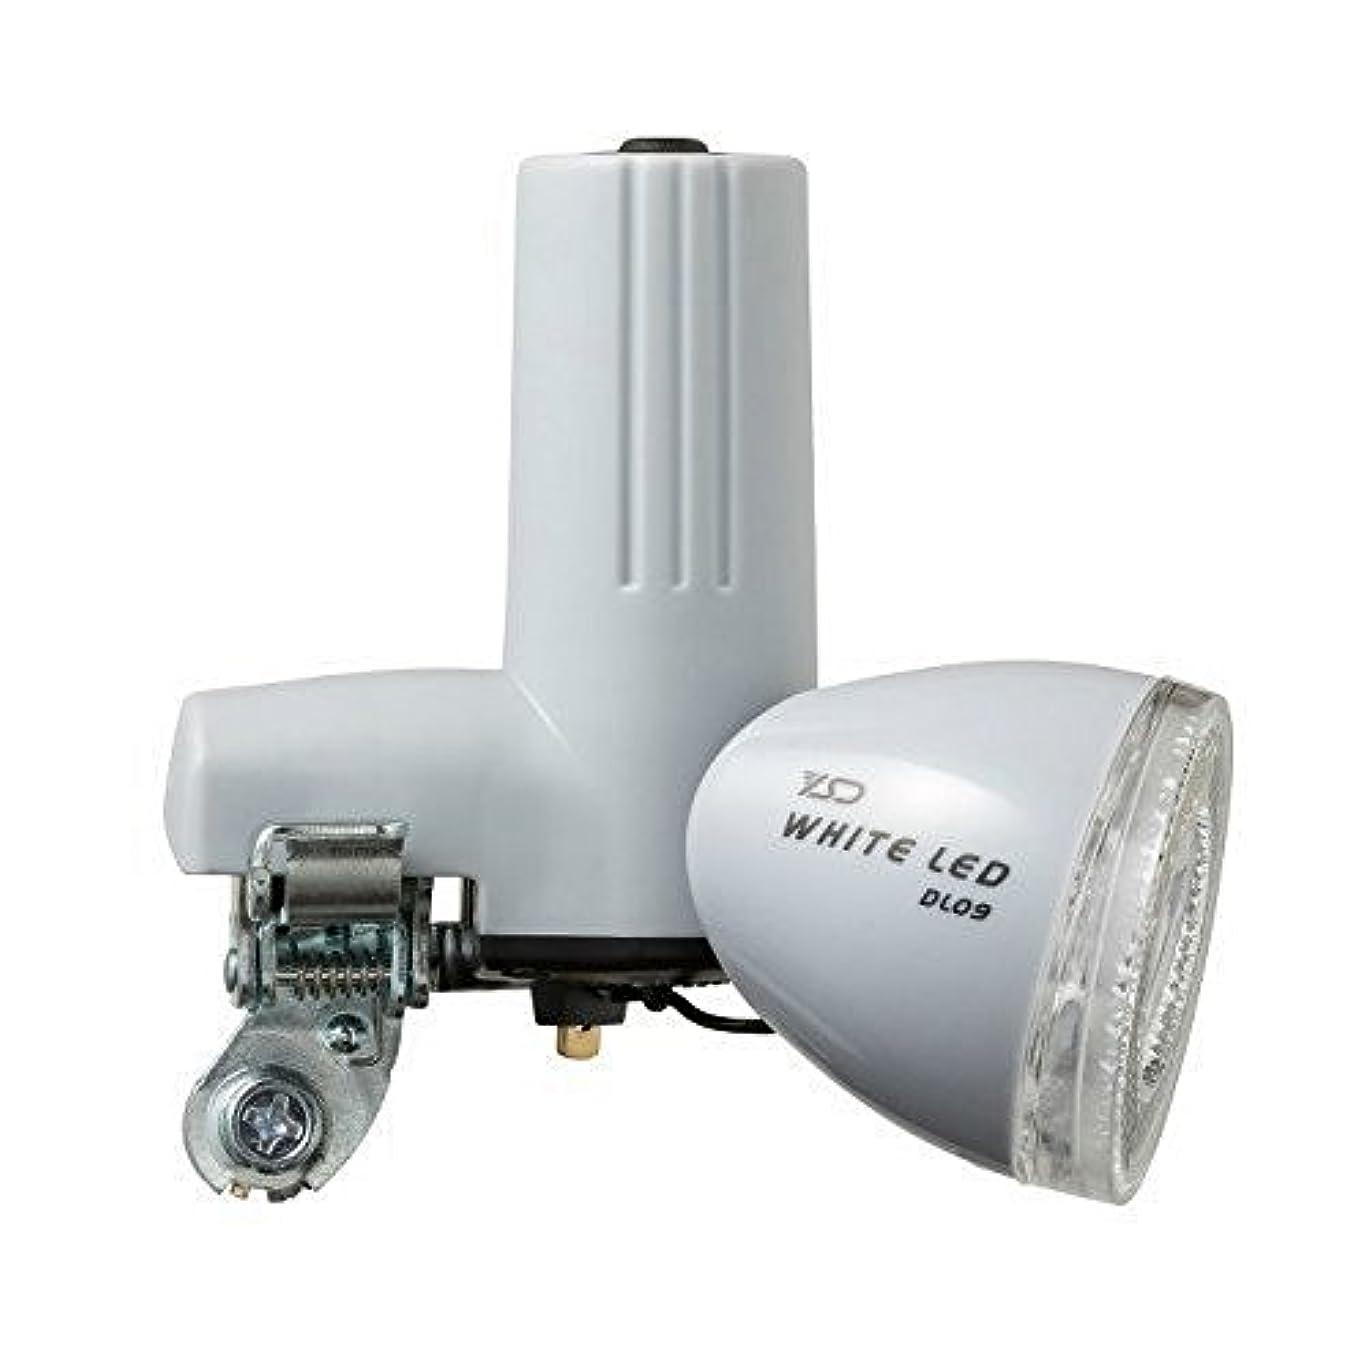 破壊インタラクション精査YSD(ワイエスディー) LED ダイナモライト DL09G グレー